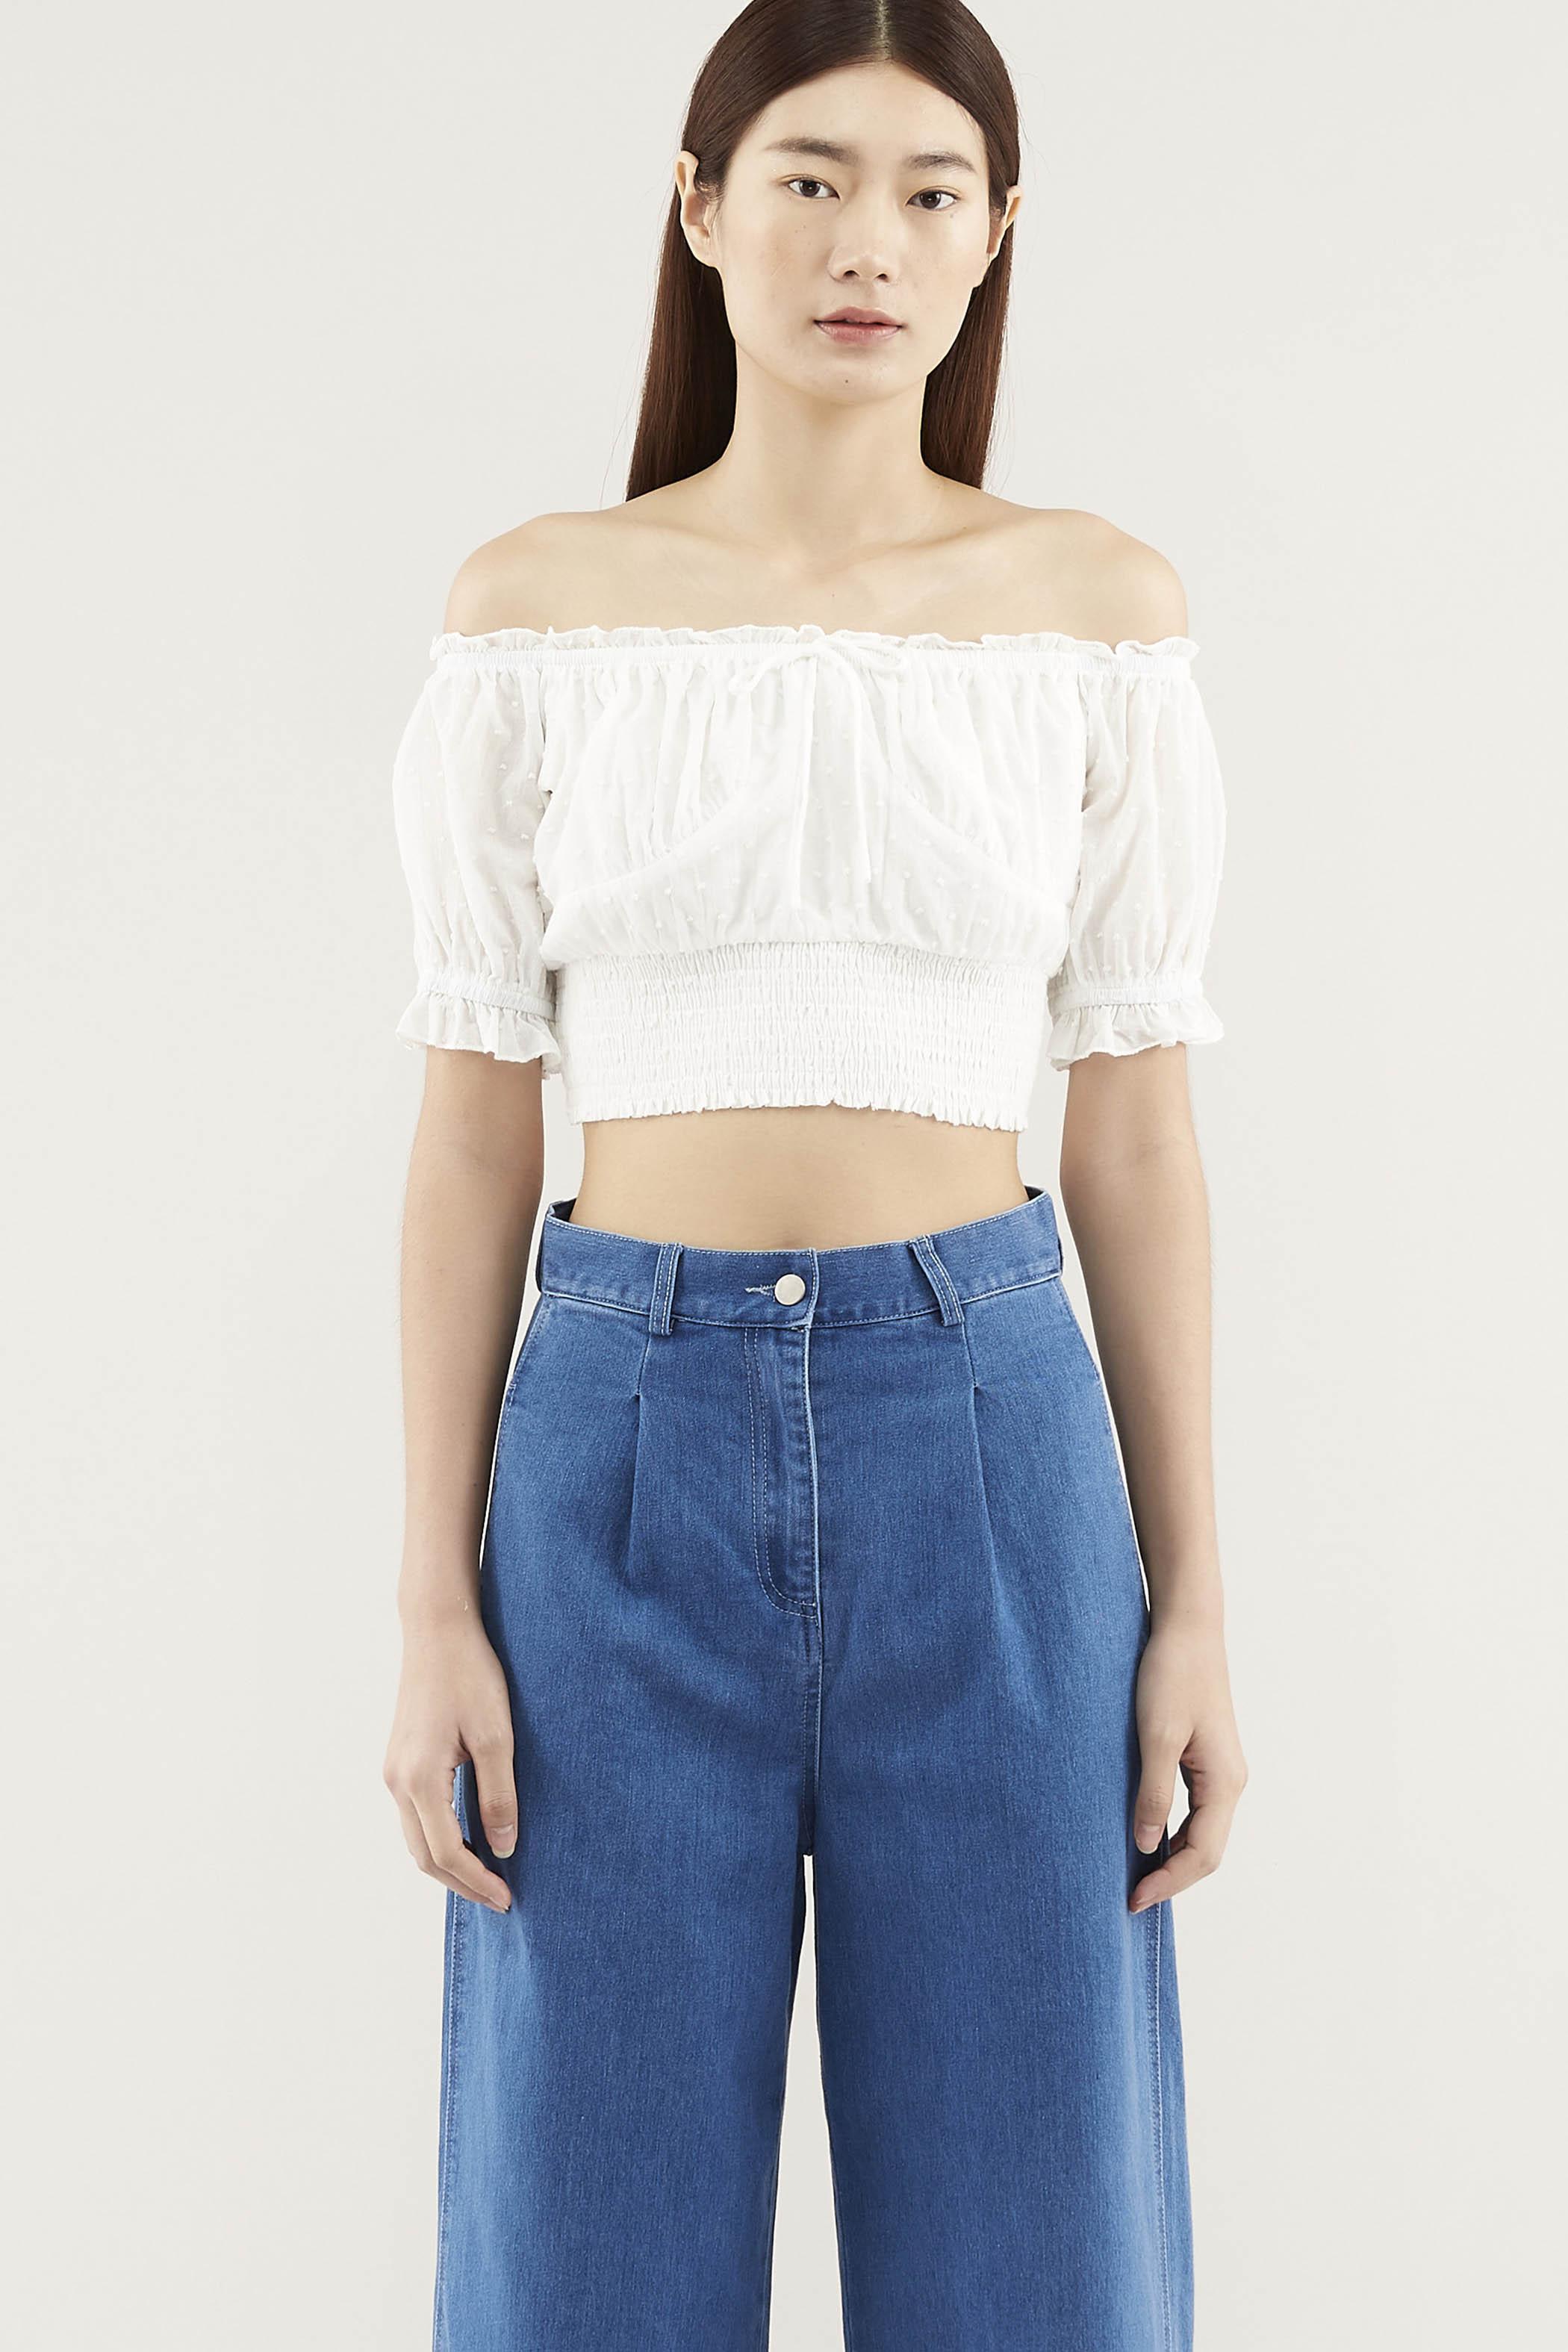 Eunisa Off-shoulder Top